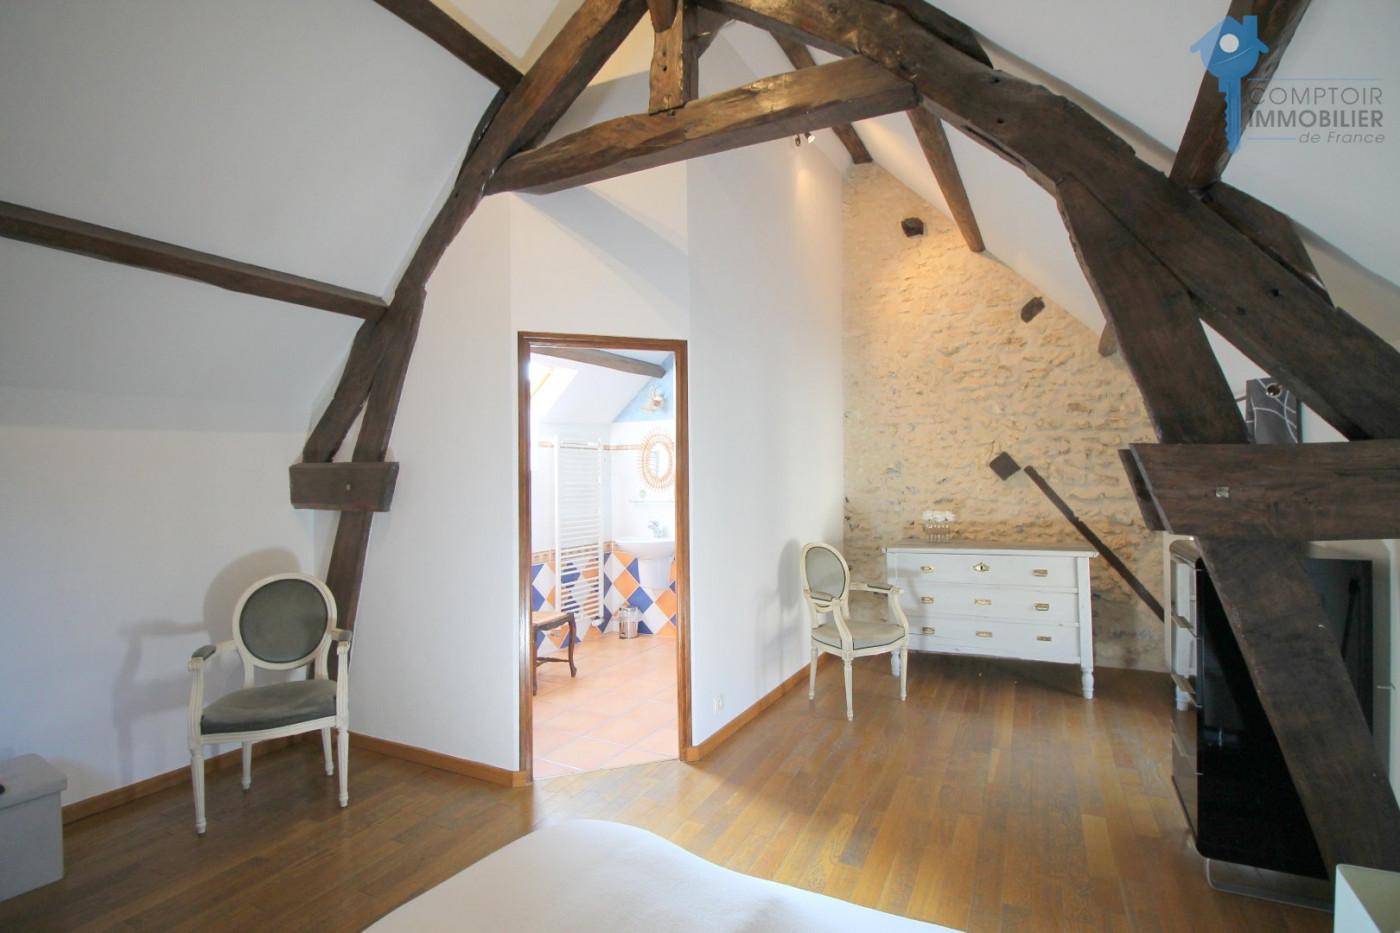 A vendre  Pacy Sur Eure | Réf 3438060717 - Comptoir immobilier de normandie